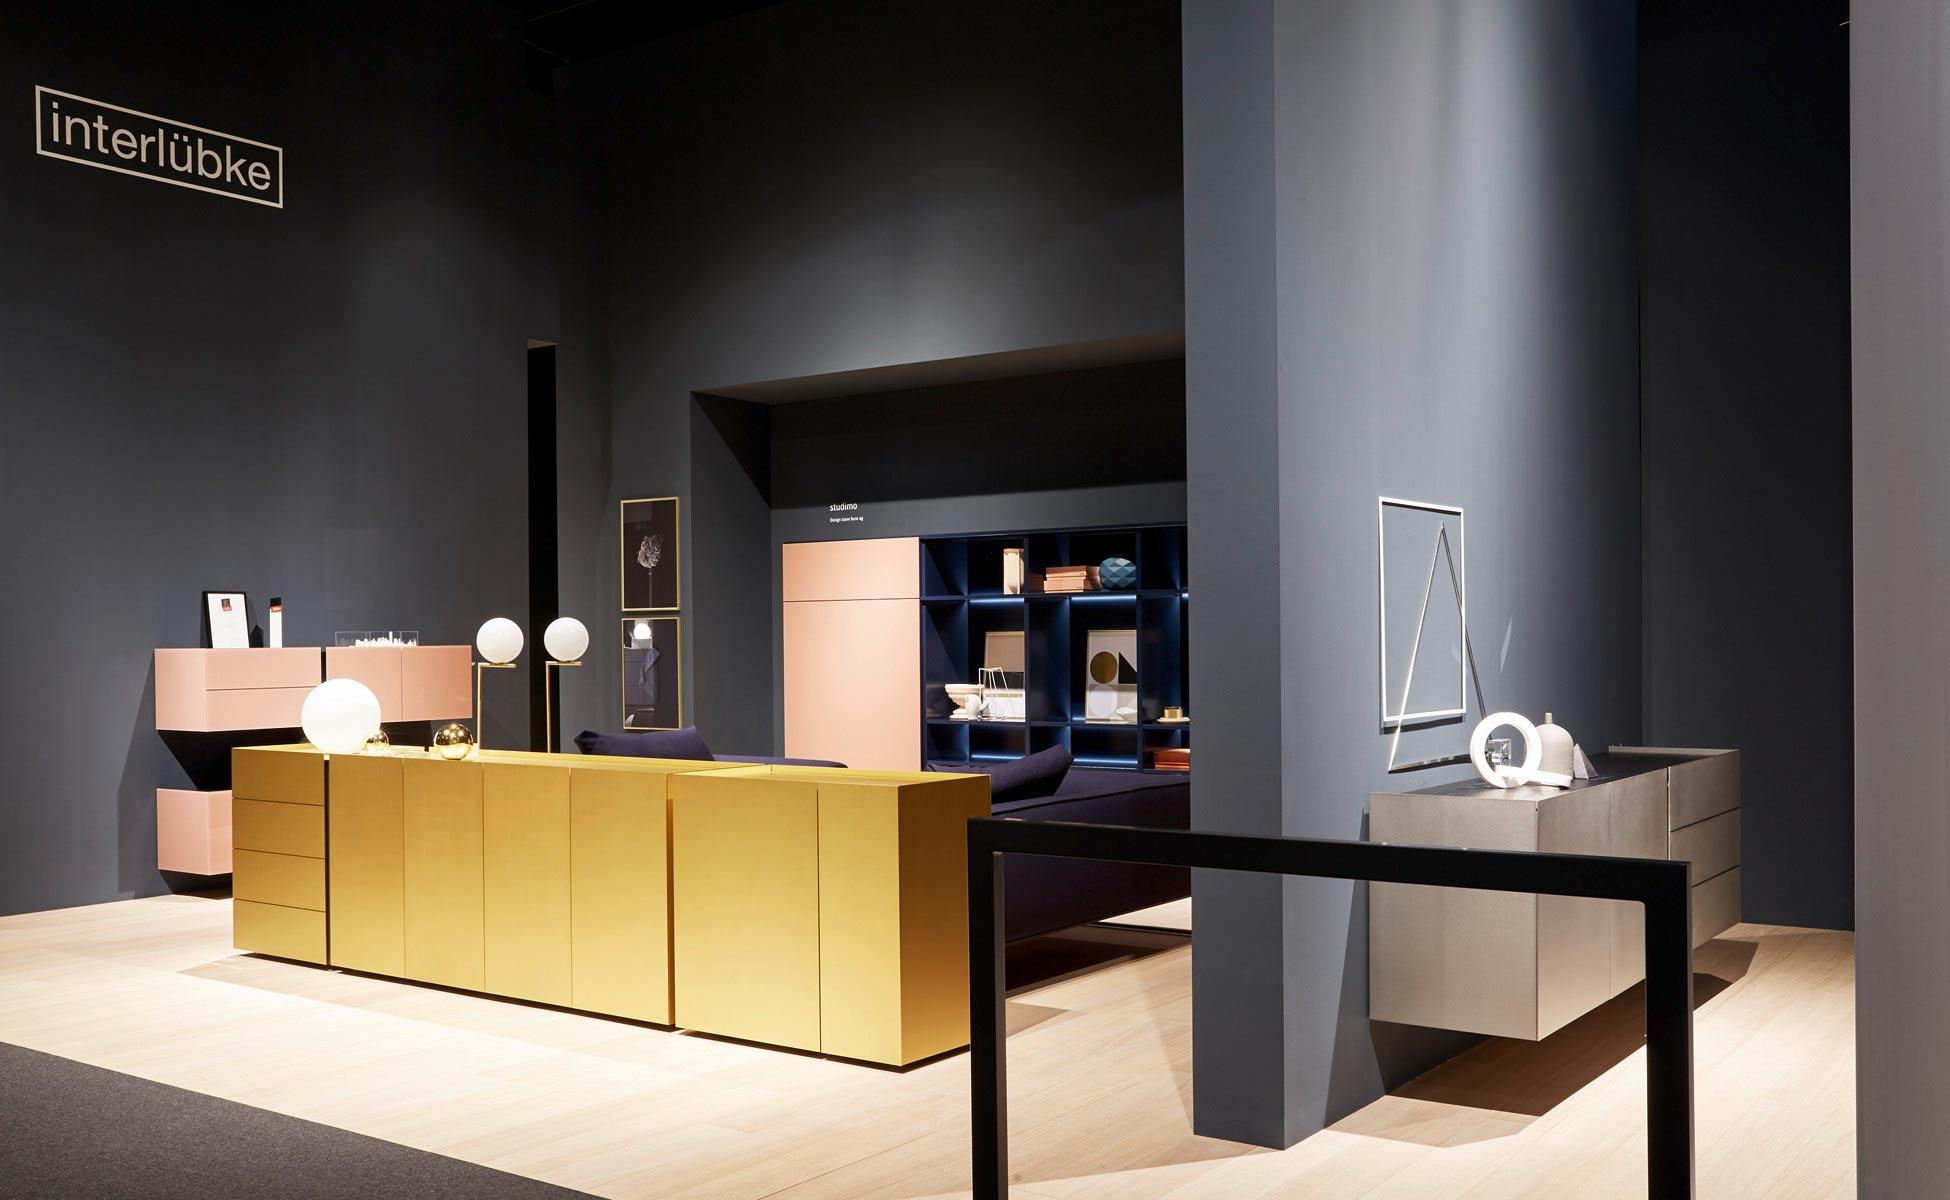 interl bke jorel sideboard berlin steidten einrichten mit architekturintelligenz. Black Bedroom Furniture Sets. Home Design Ideas